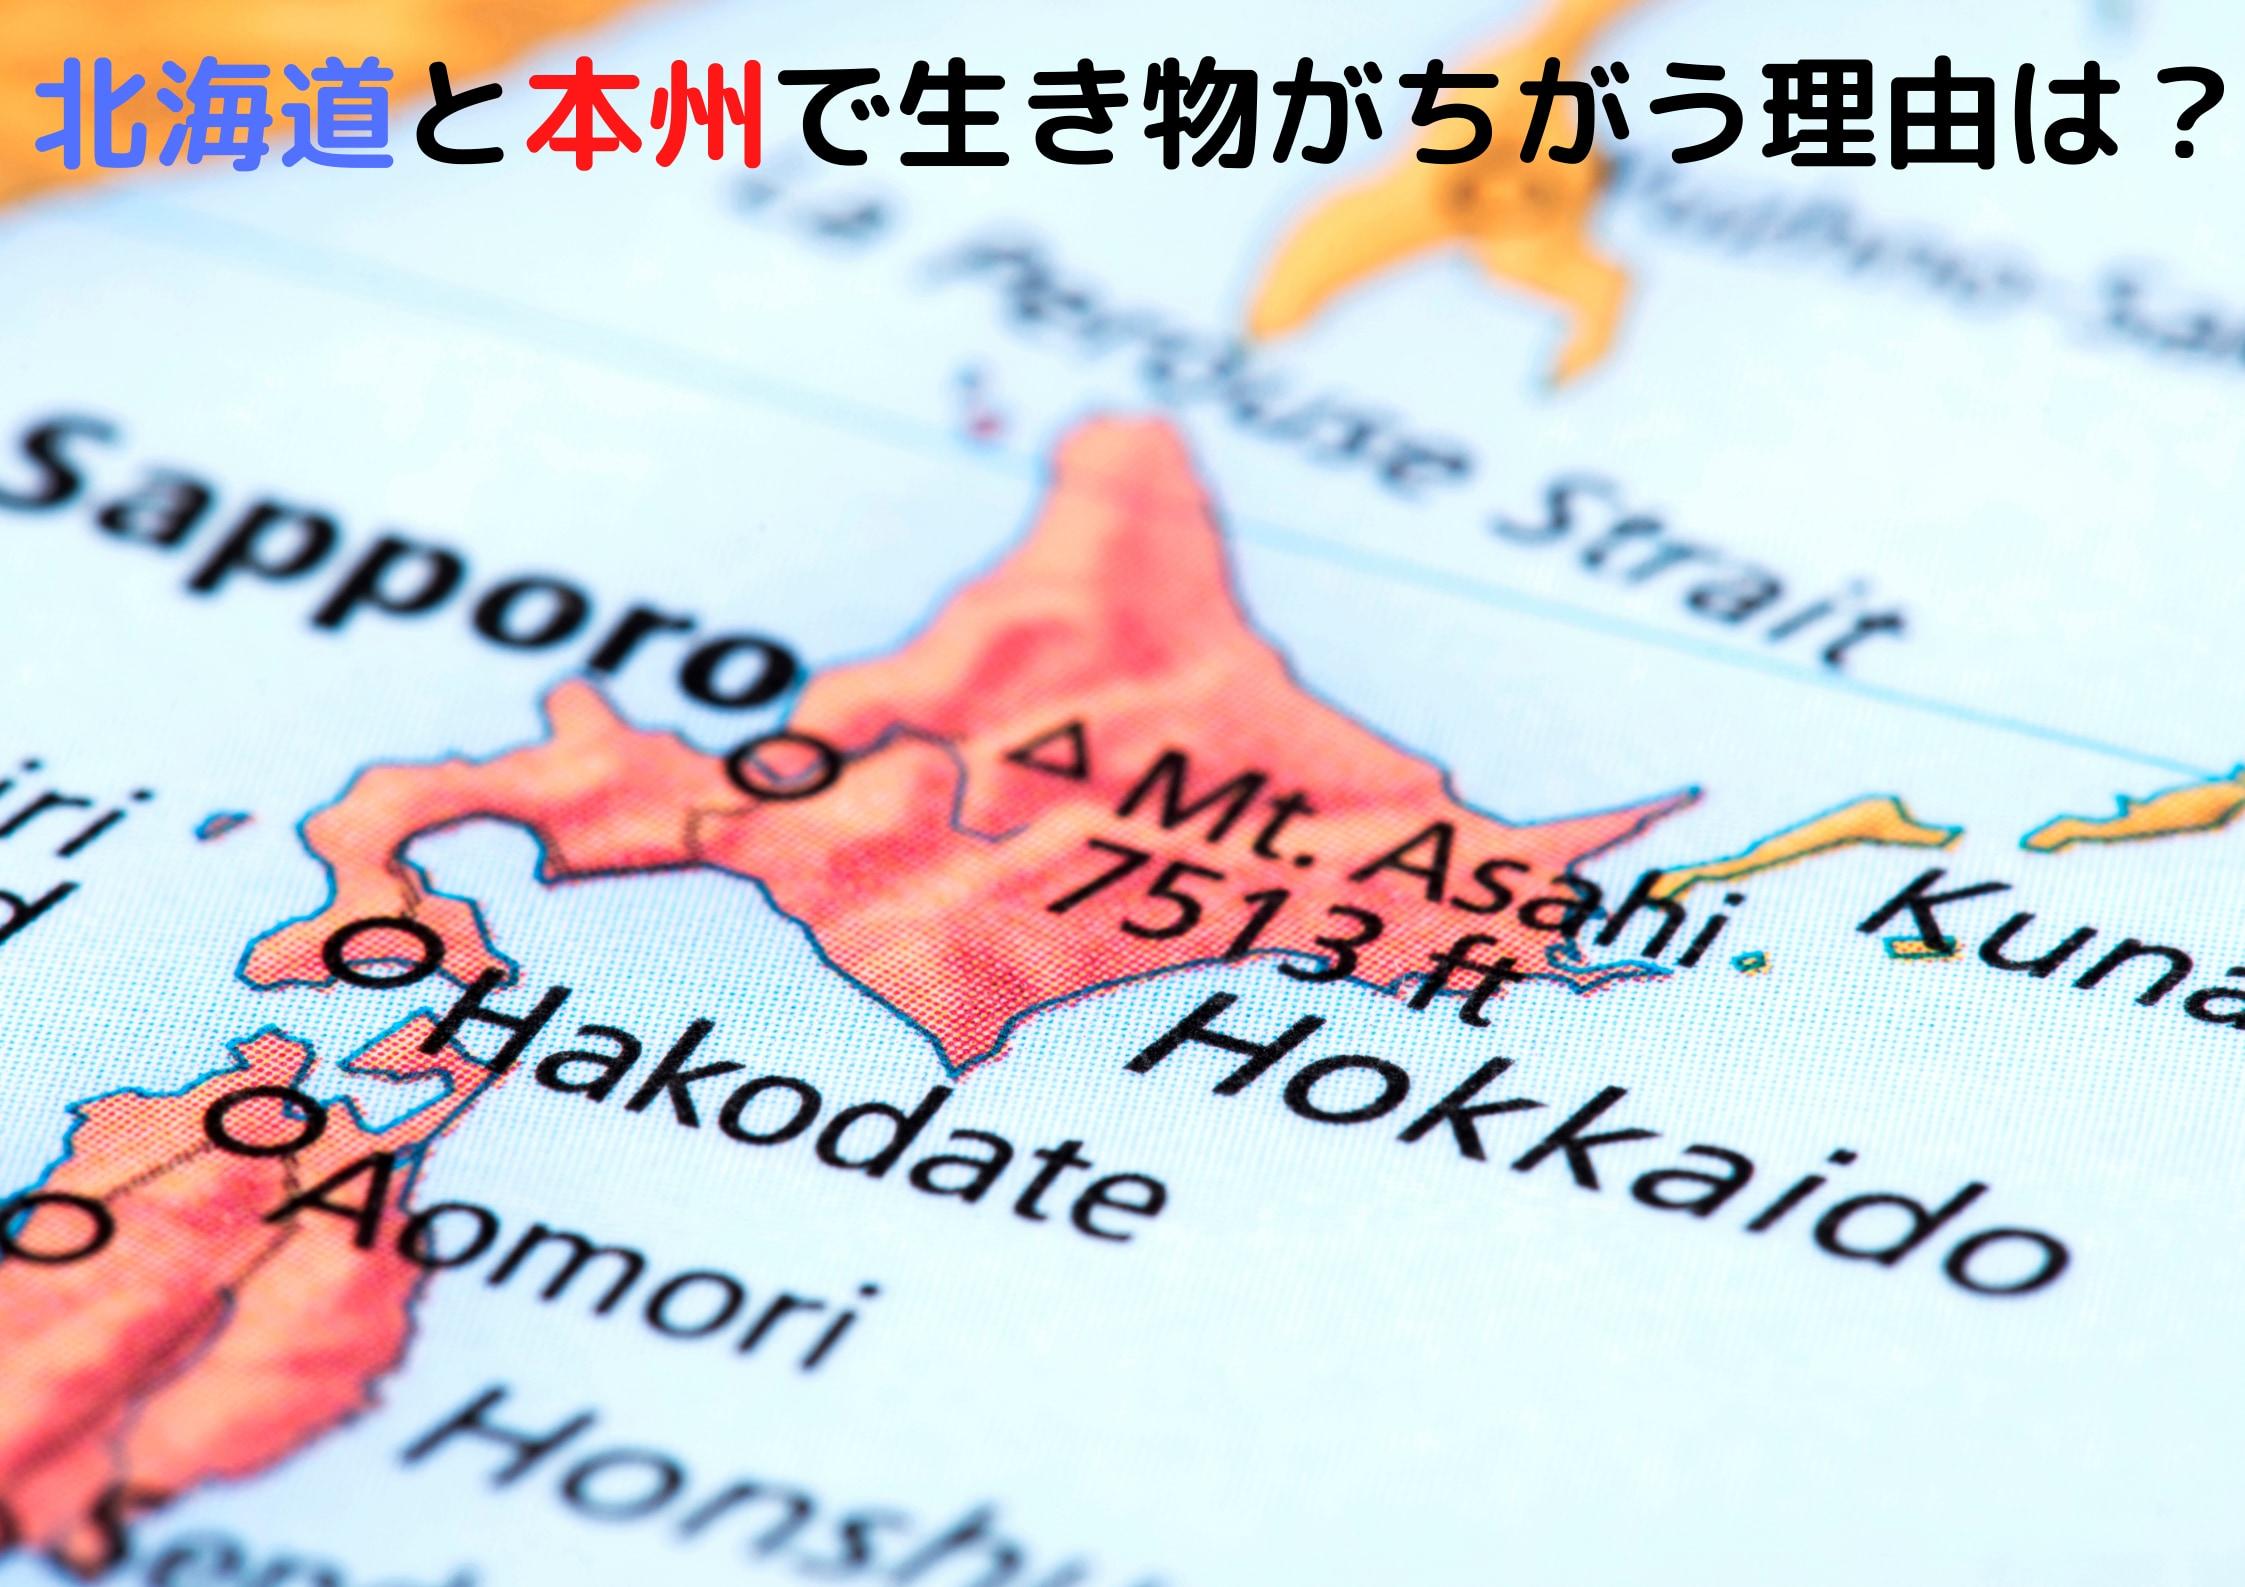 北海道と本州を二分する「ブラキストン線」とは